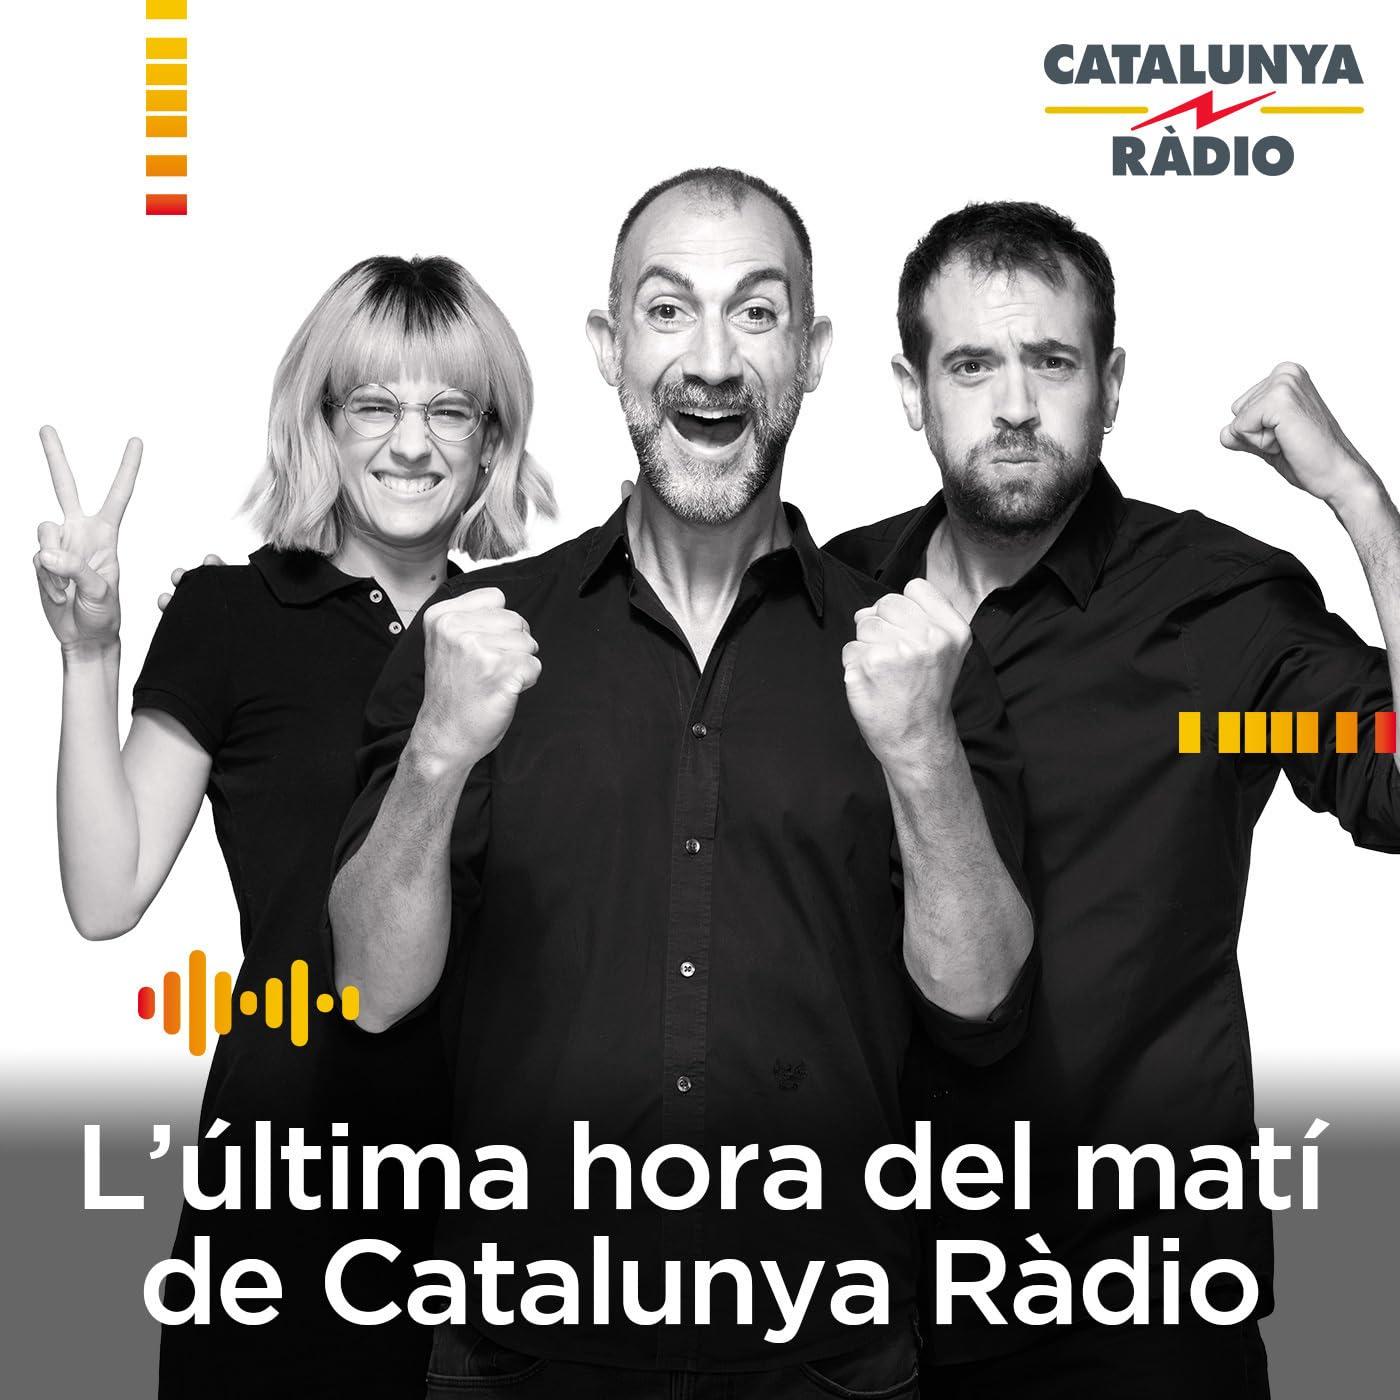 L'última hora del matí de Catalunya Ràdio